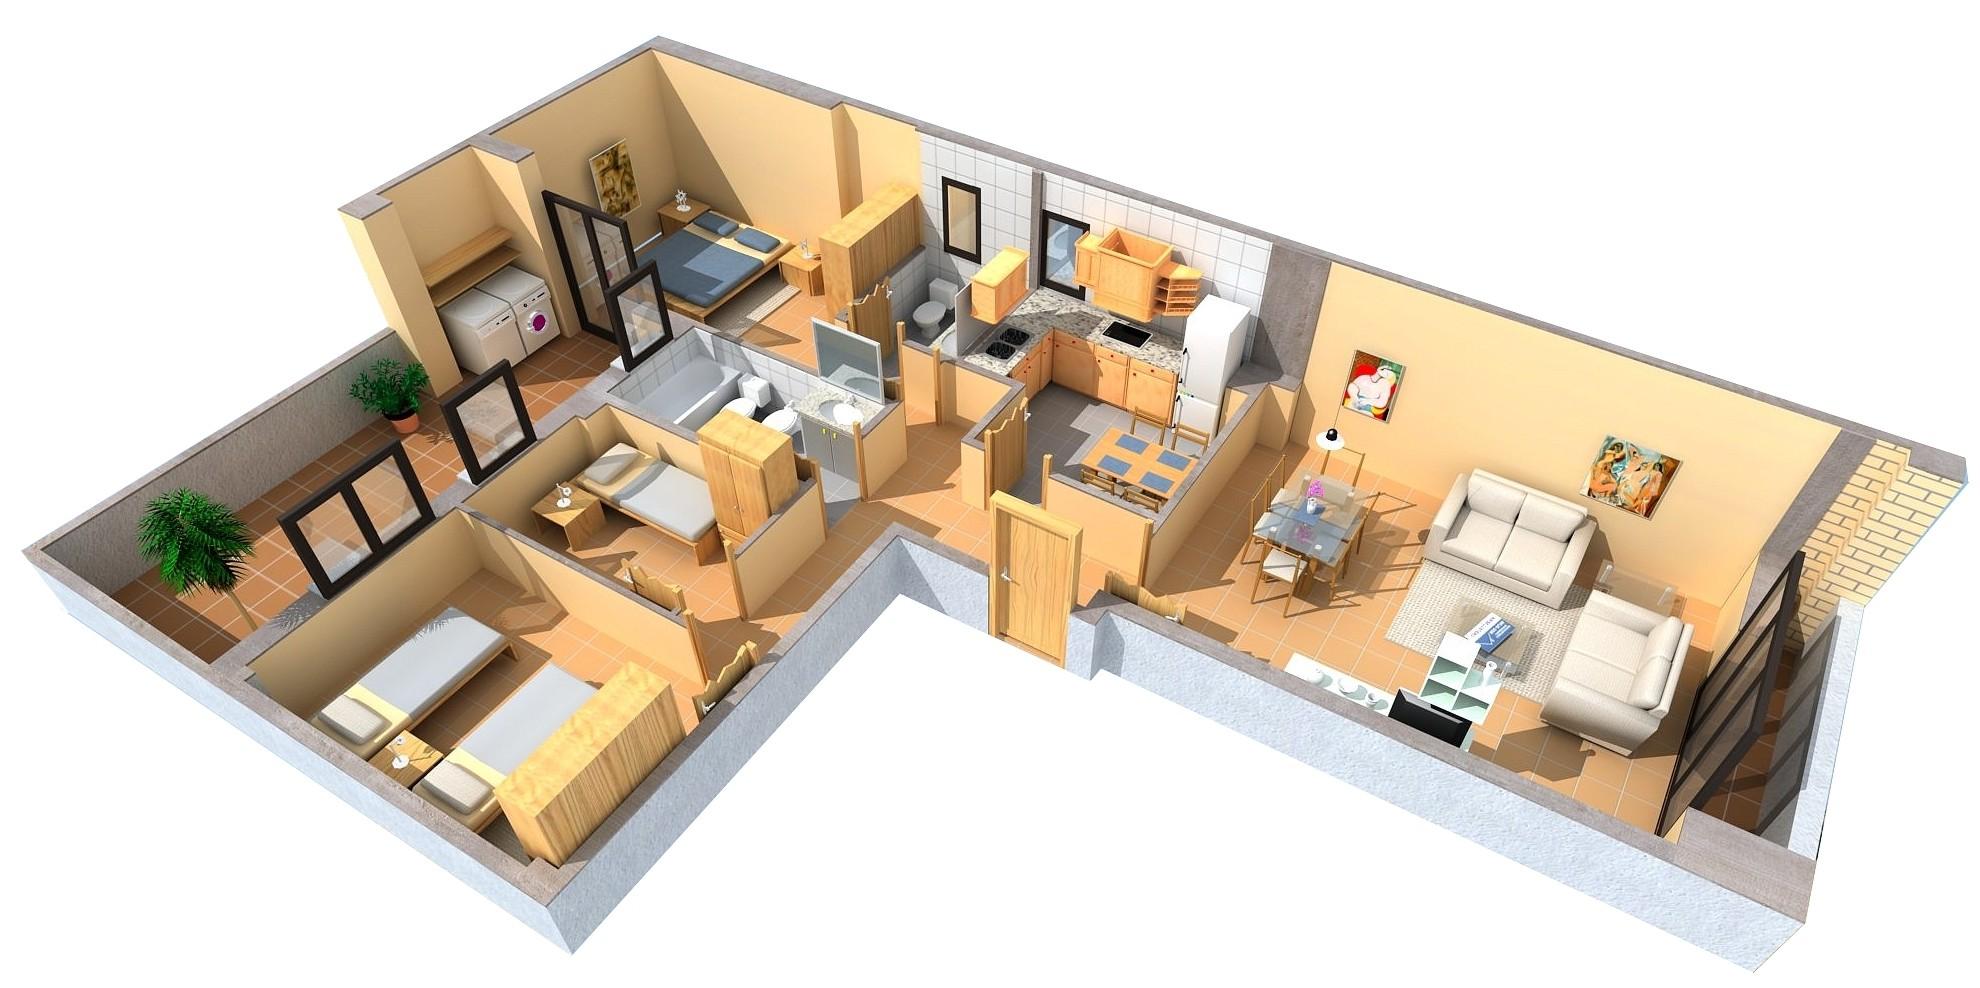 Sobre planos 3d - Planos de casa en 3d ...